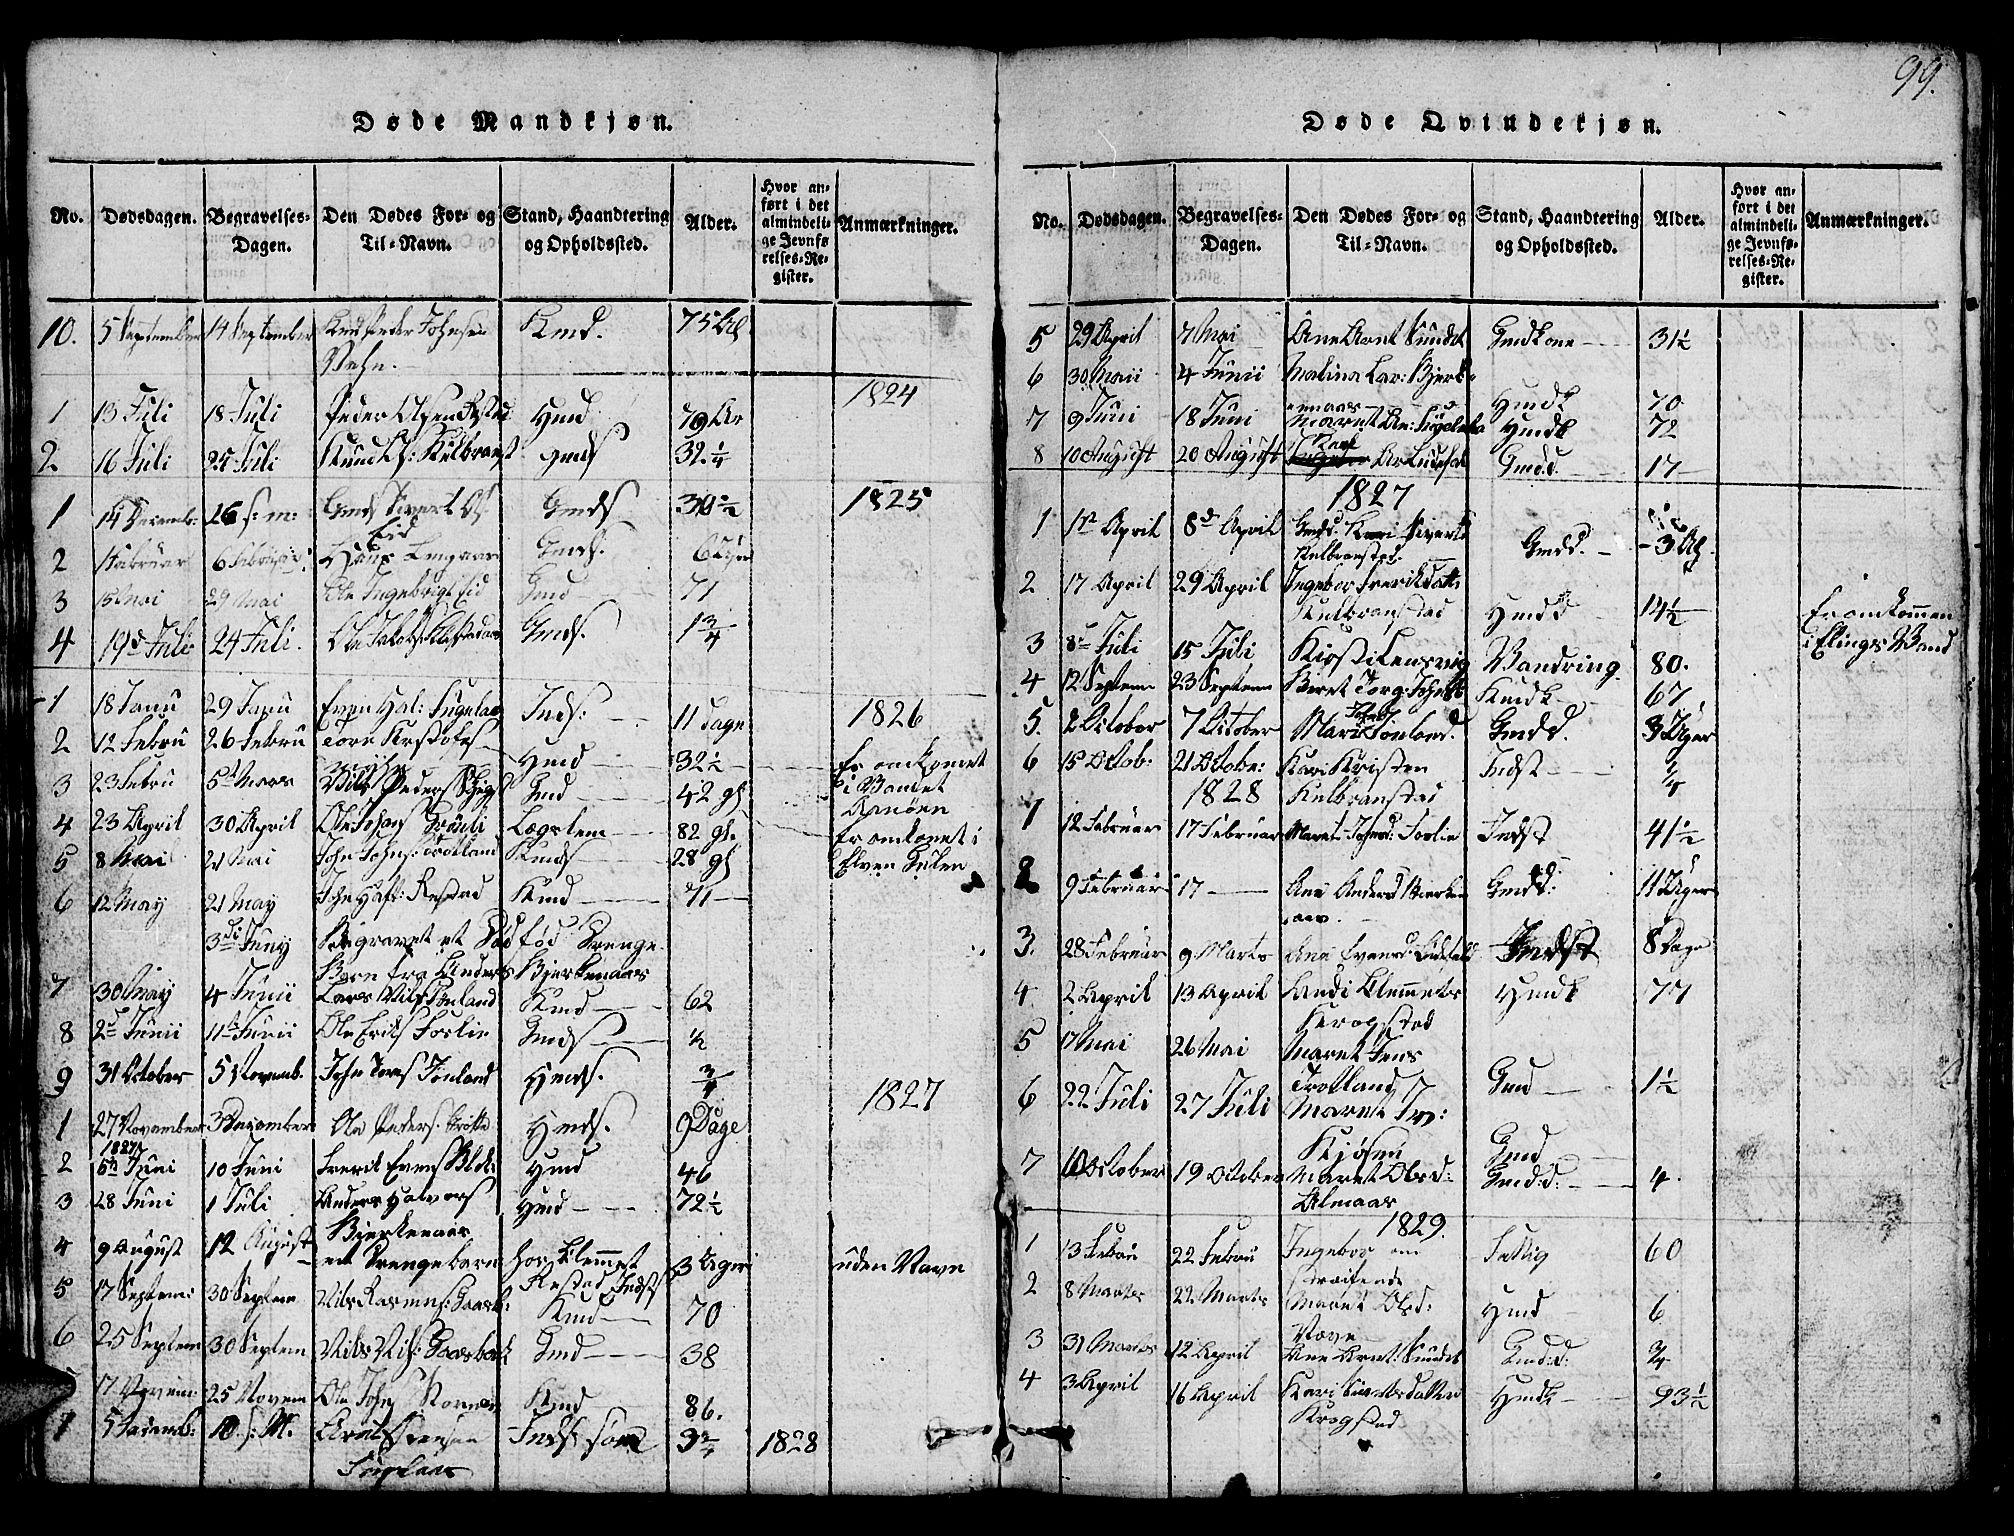 SAT, Ministerialprotokoller, klokkerbøker og fødselsregistre - Sør-Trøndelag, 694/L1130: Klokkerbok nr. 694C02, 1816-1857, s. 99